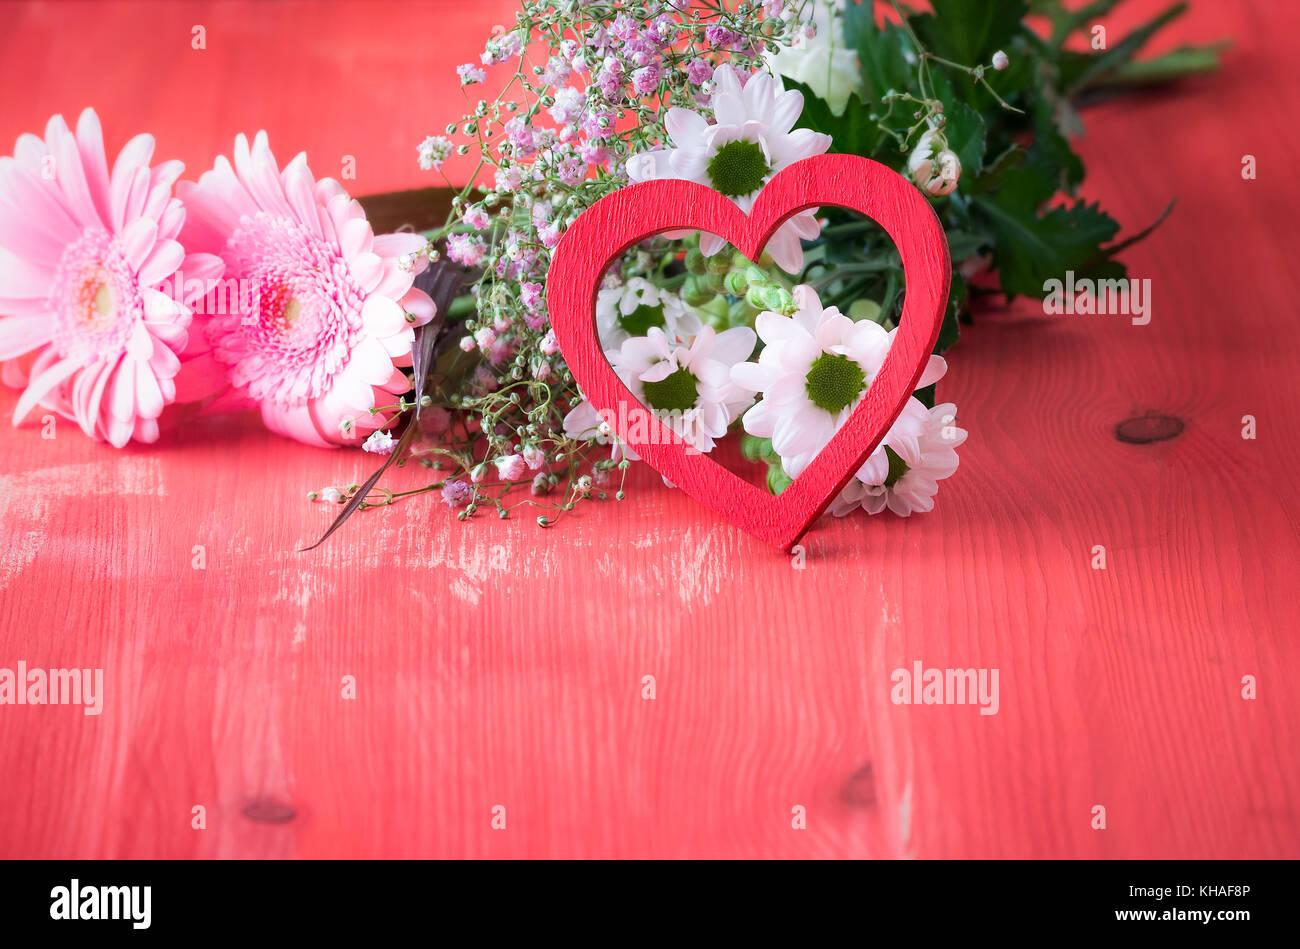 Theme De L Amour Libre Avec Un Coeur En Bois Rouge Appuyee Sur Un